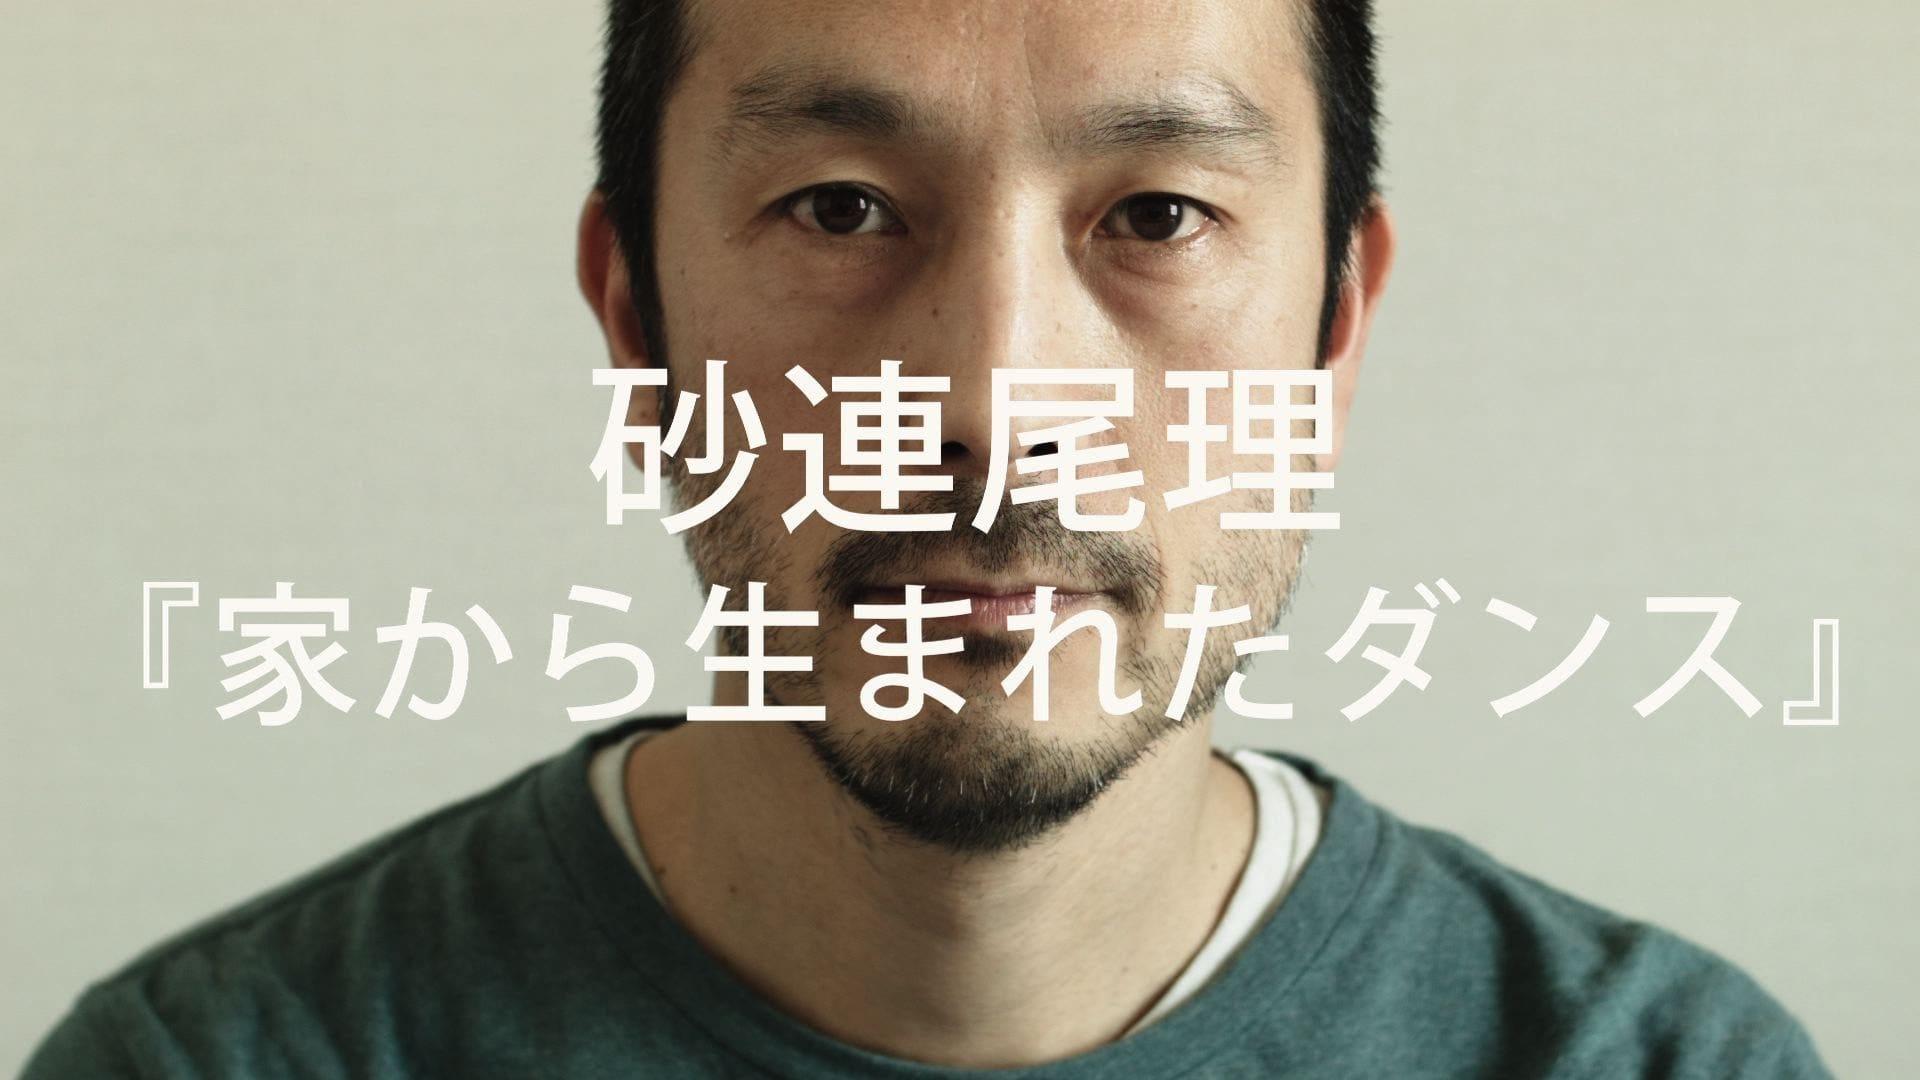 砂連尾理÷野村誠 『家から生まれたダンス』公演予告編